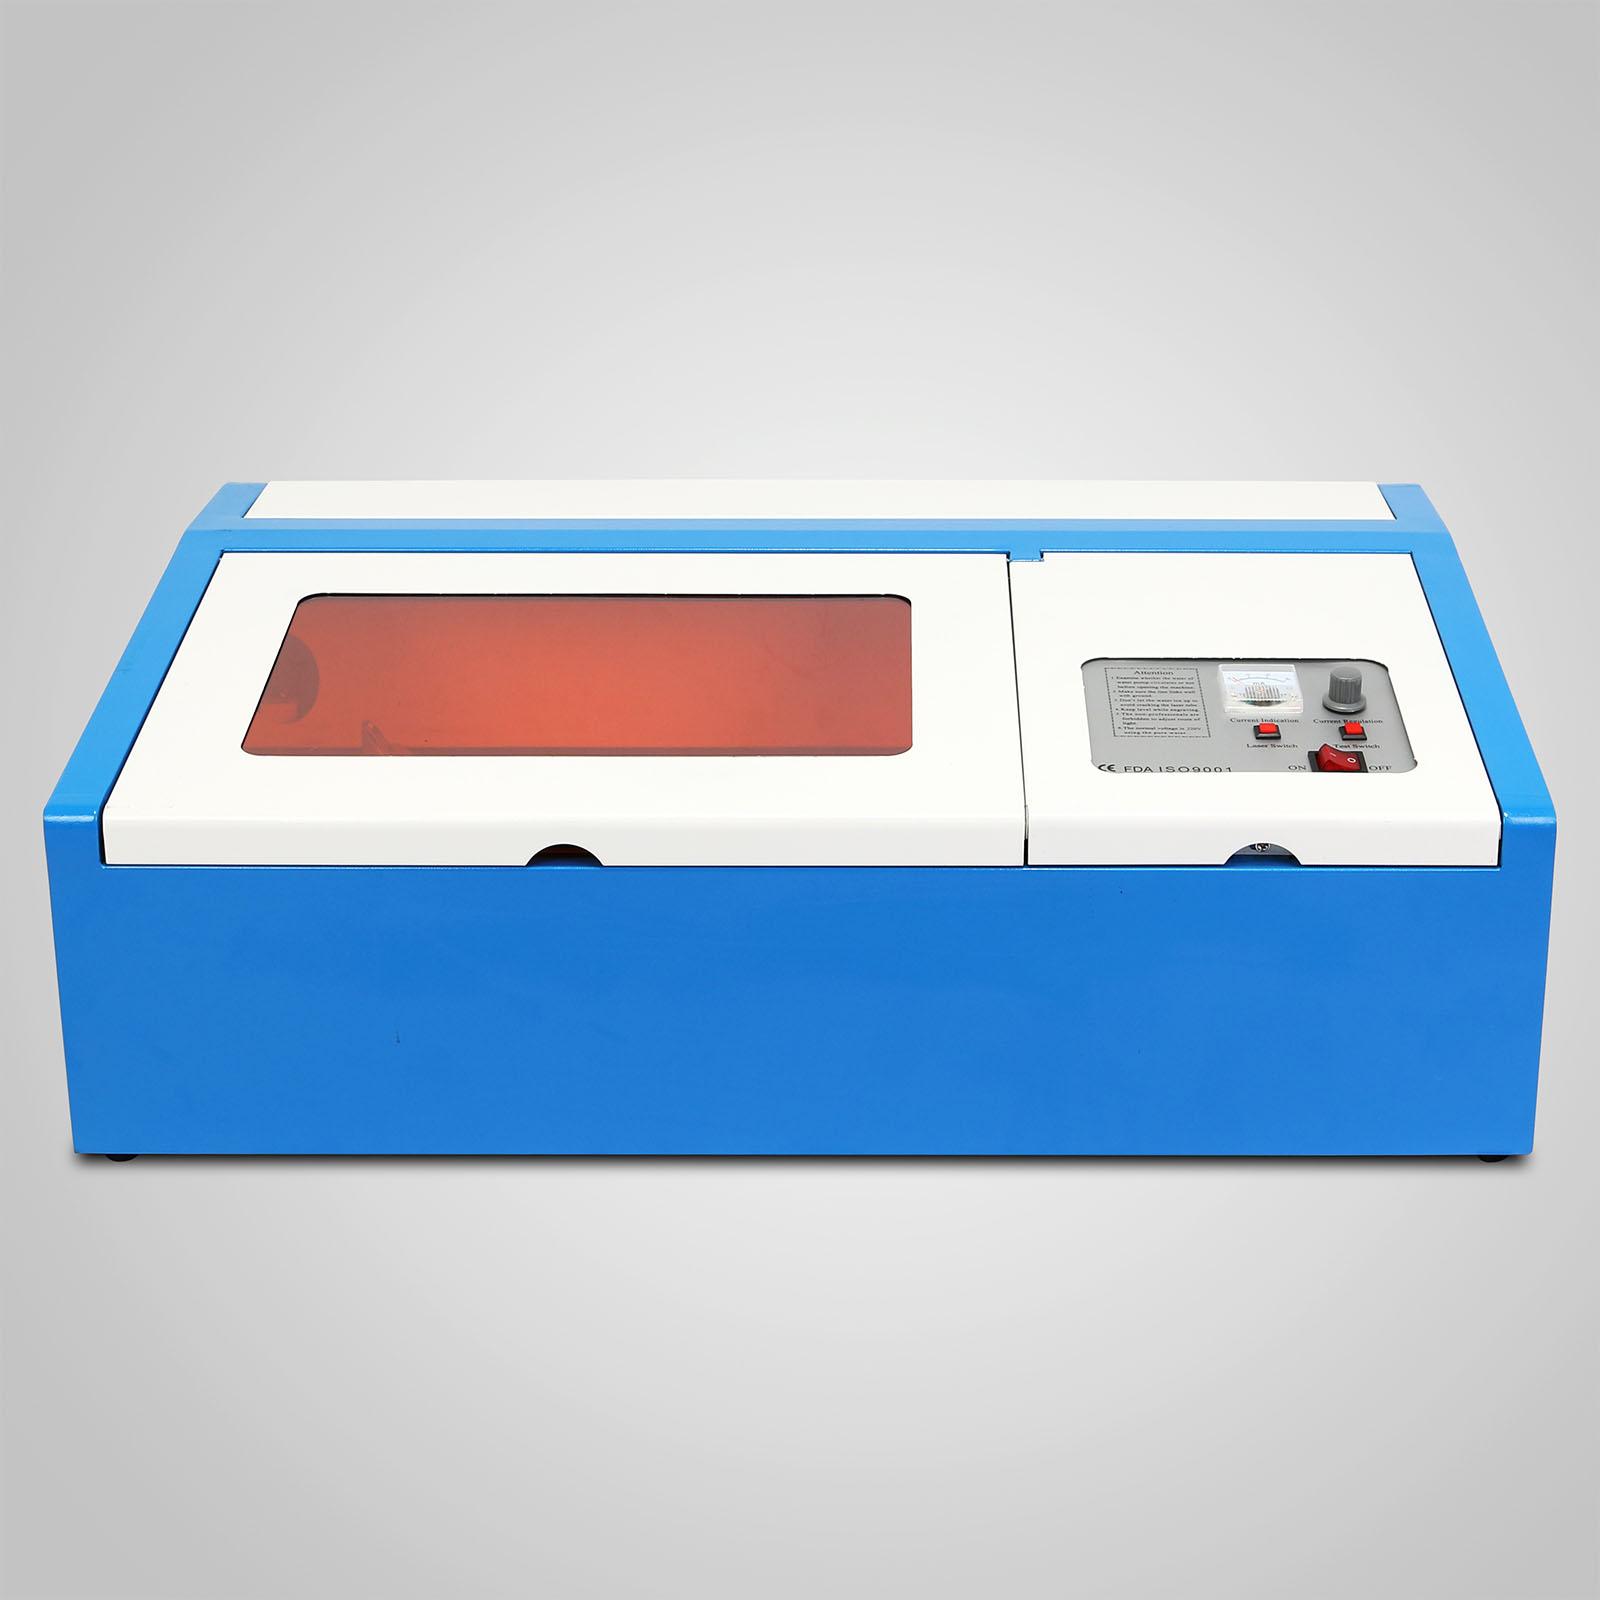 Обновленная высокоточная и высокая скорость третьего поколения CO2 лазерная d100-4.jpg